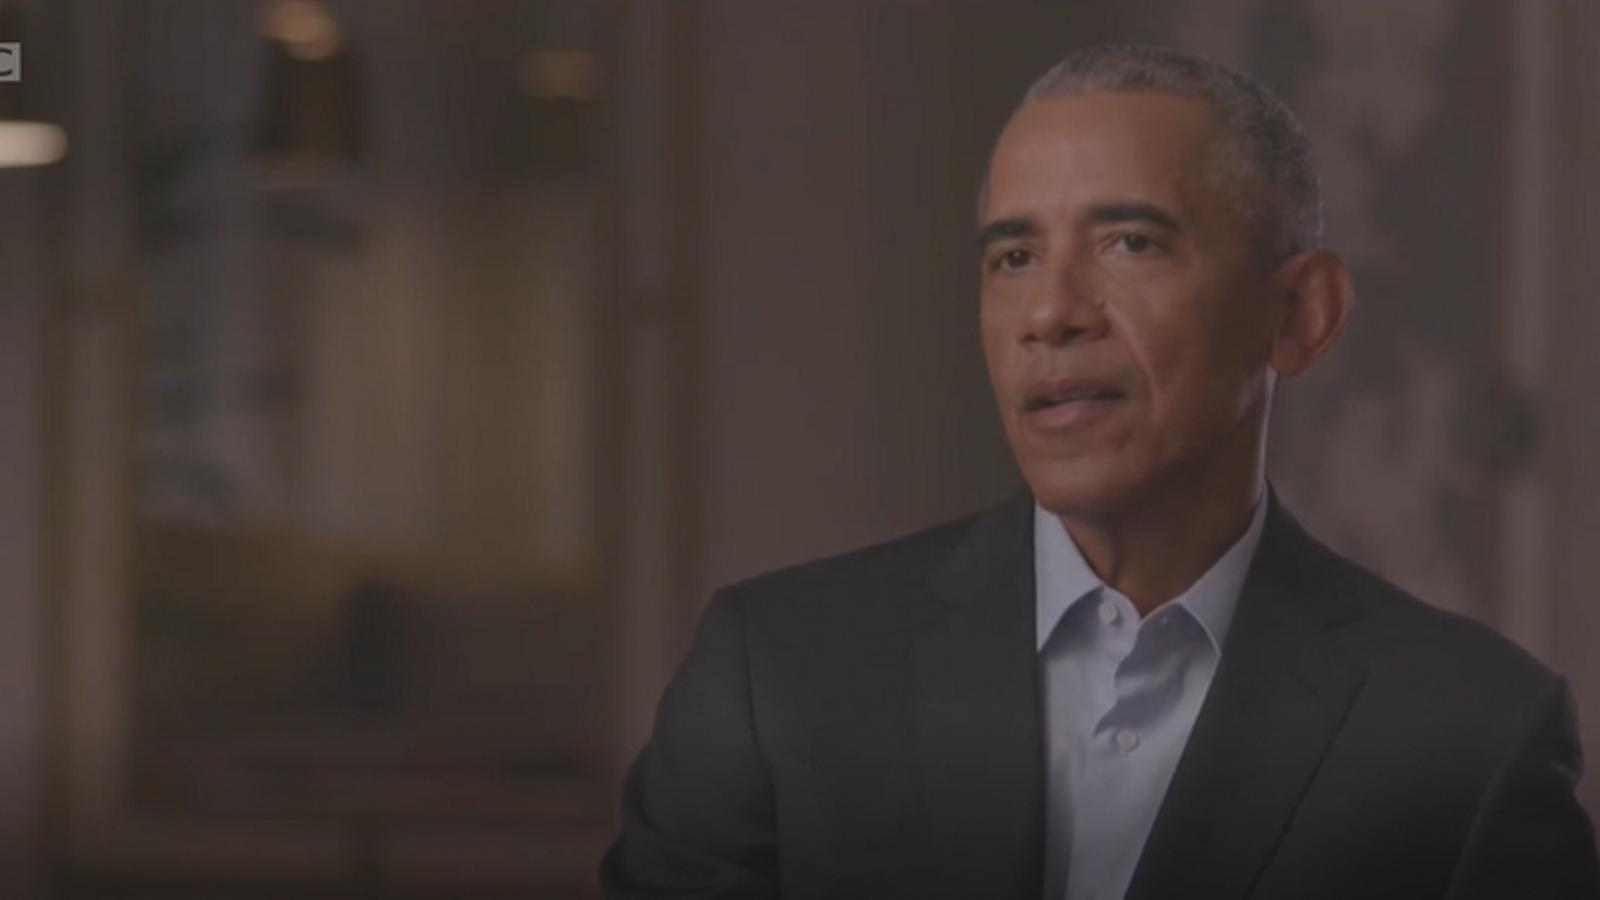 Avançament de l'entrevista de la BBC a Barack Obama